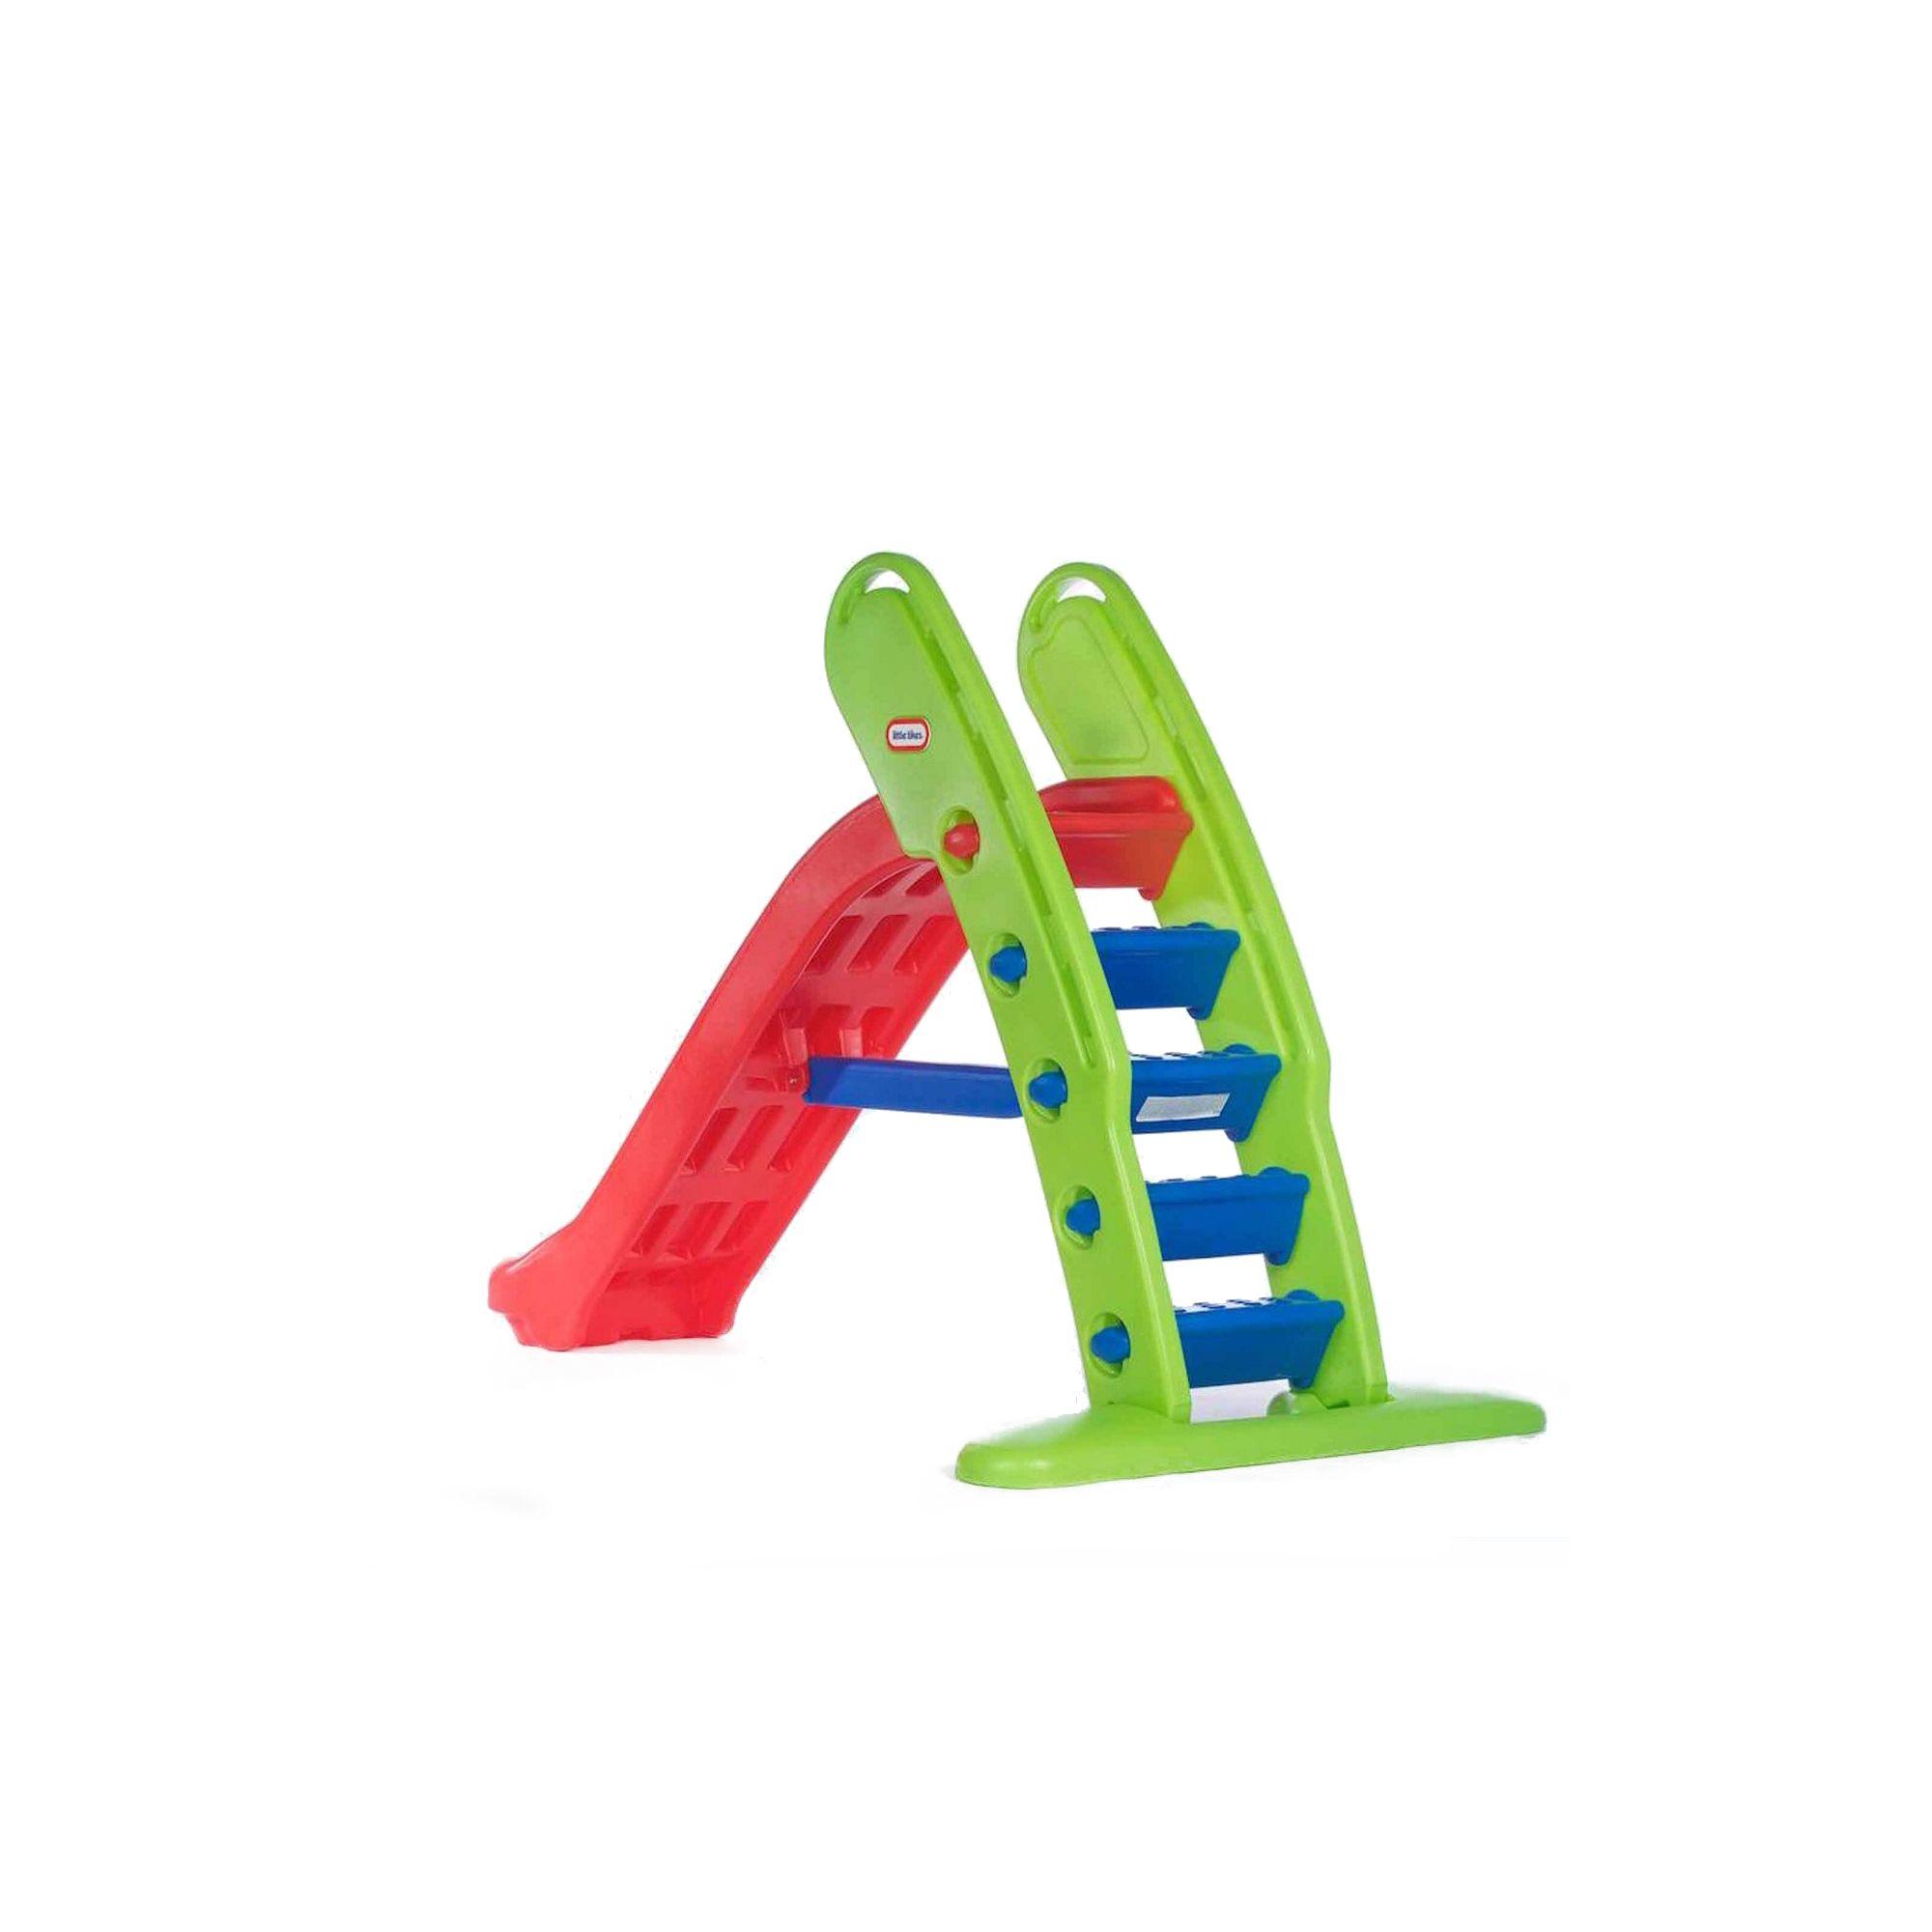 Little Tikes Kids Easy Store Giant Slide - Primary 2200878565436   eBay